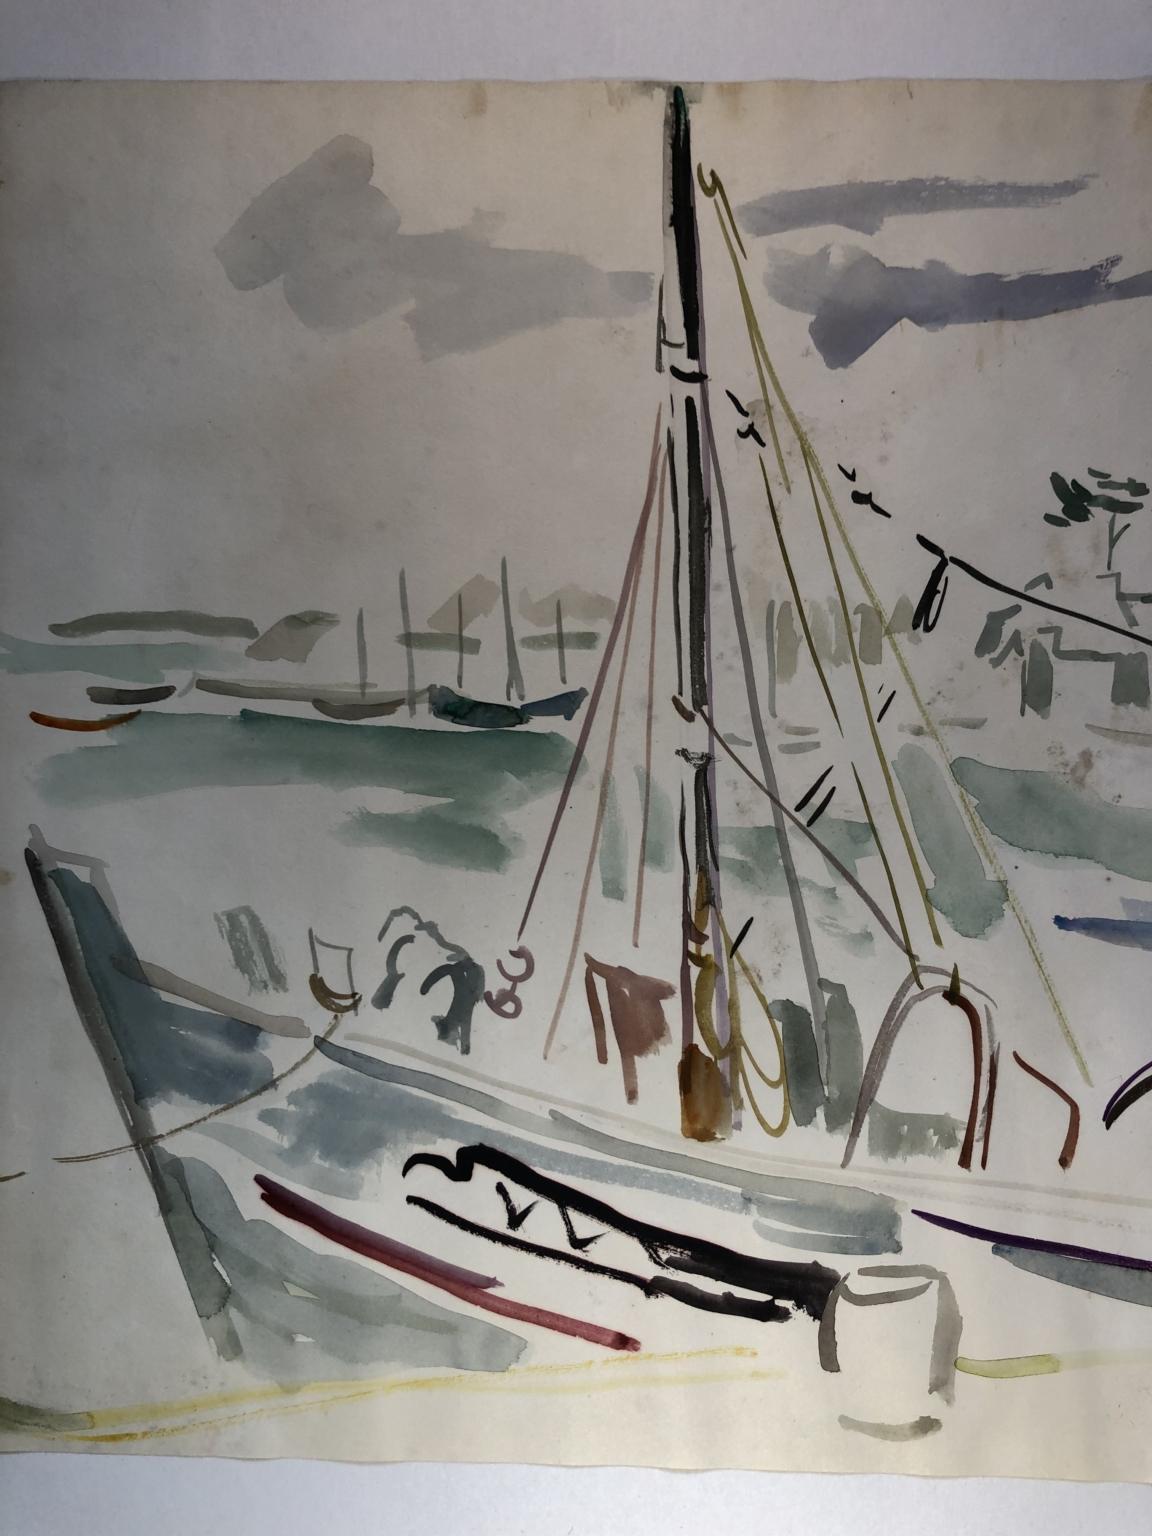 Bild des Werkes mit dem Titel: Segelboot im Hafen